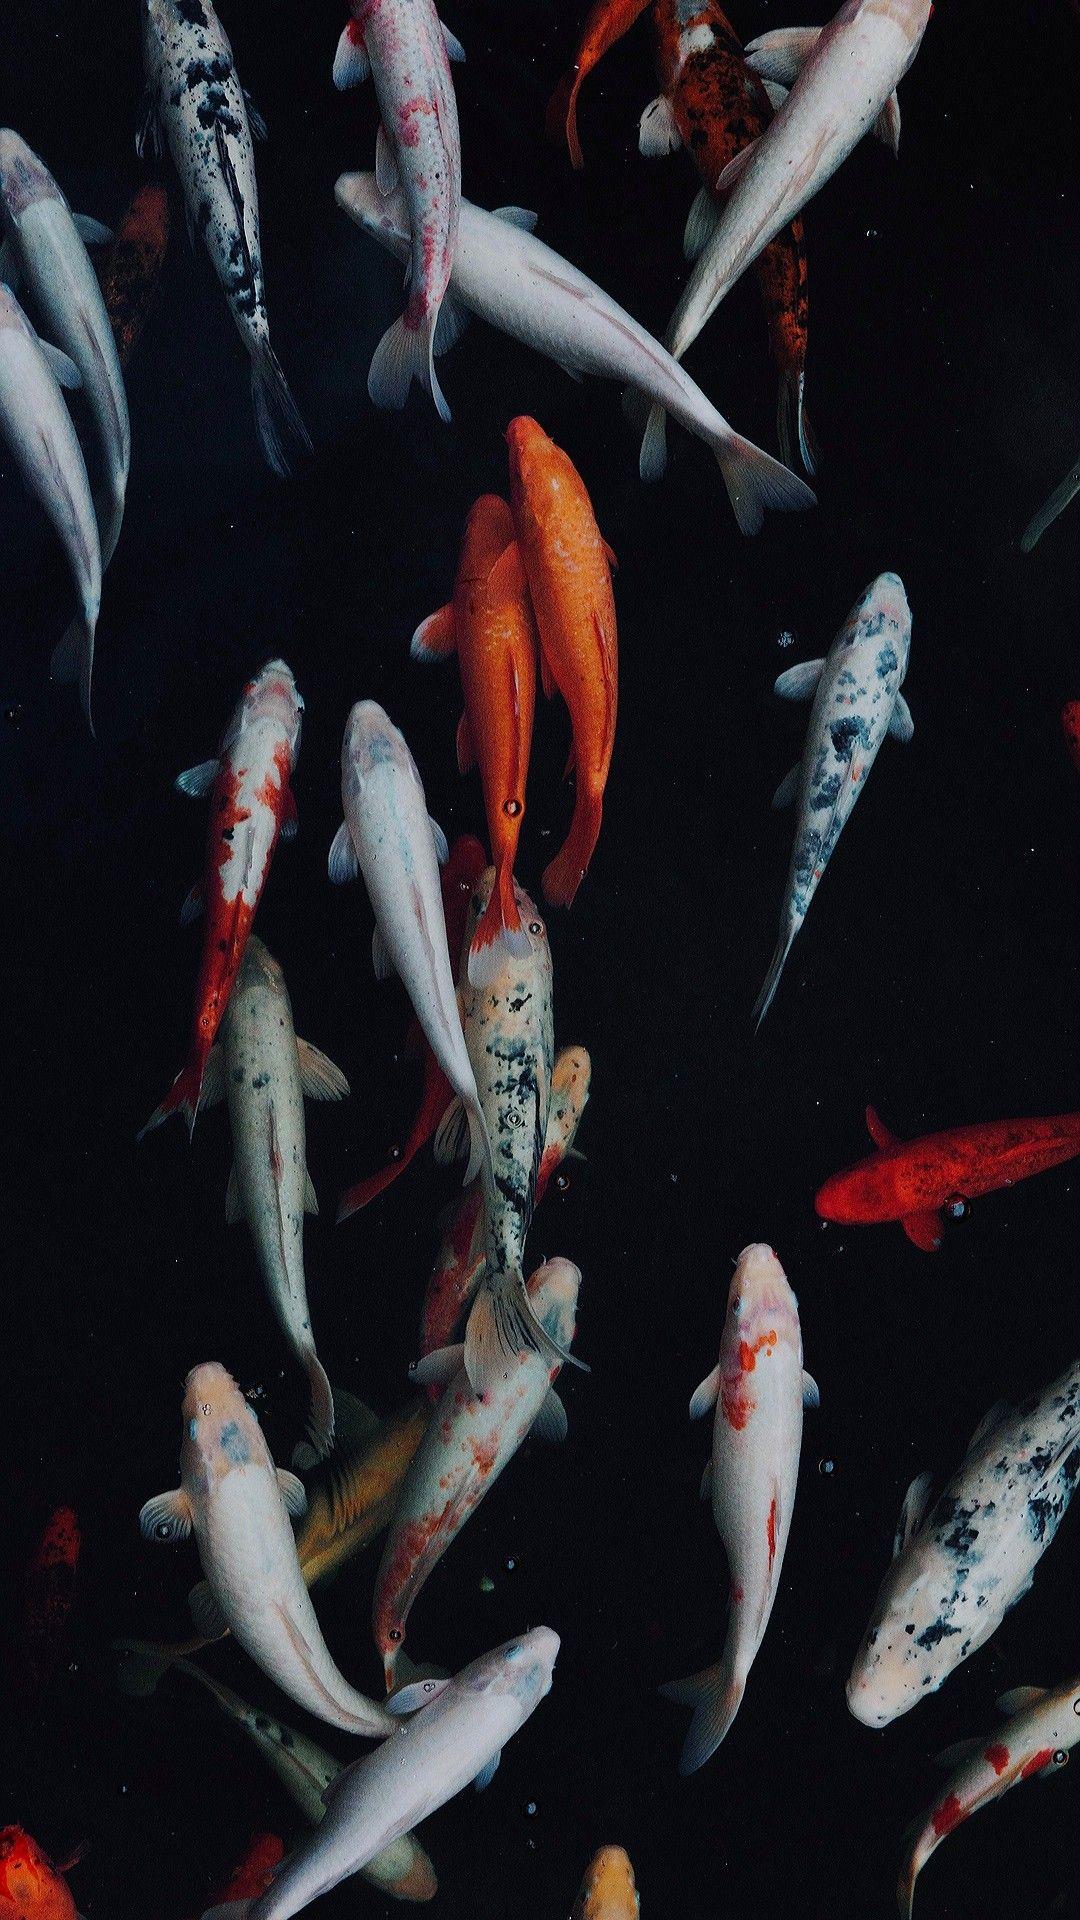 Koi Fish Fish Wallpaper Iphone Koi Wallpaper Fish Wallpaper